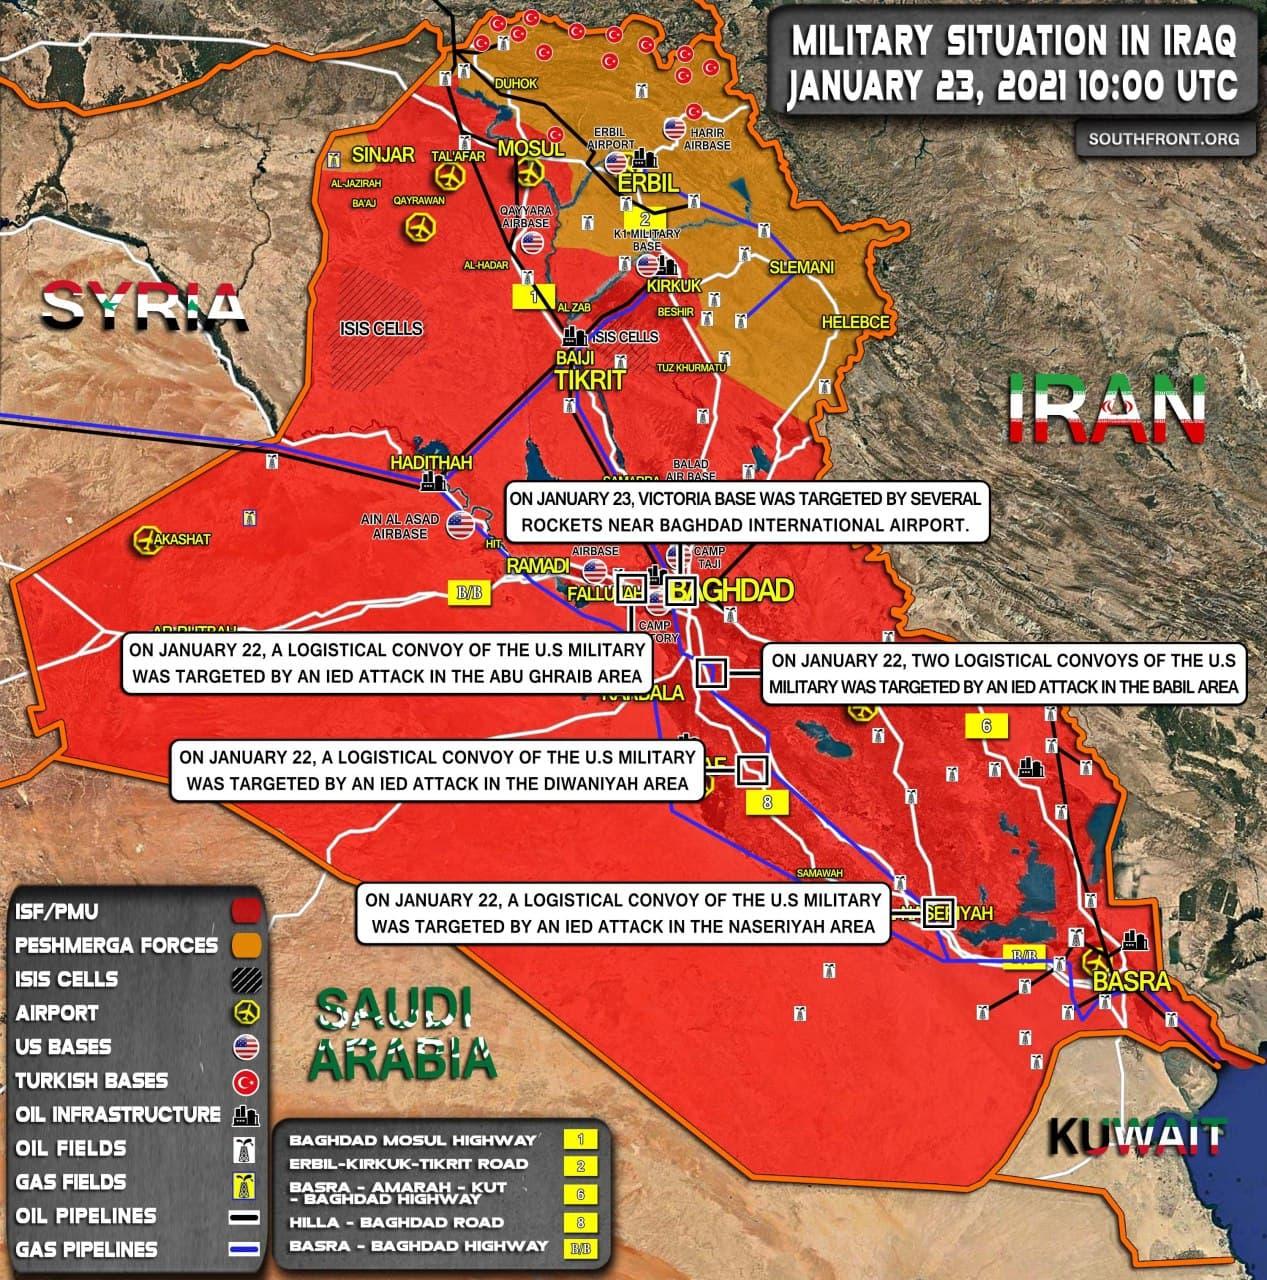 Después de atacar a los convoyes de suministros de la coalición, el grupo de 'resistencia' iraquí amenaza a las tropas estadounidenses